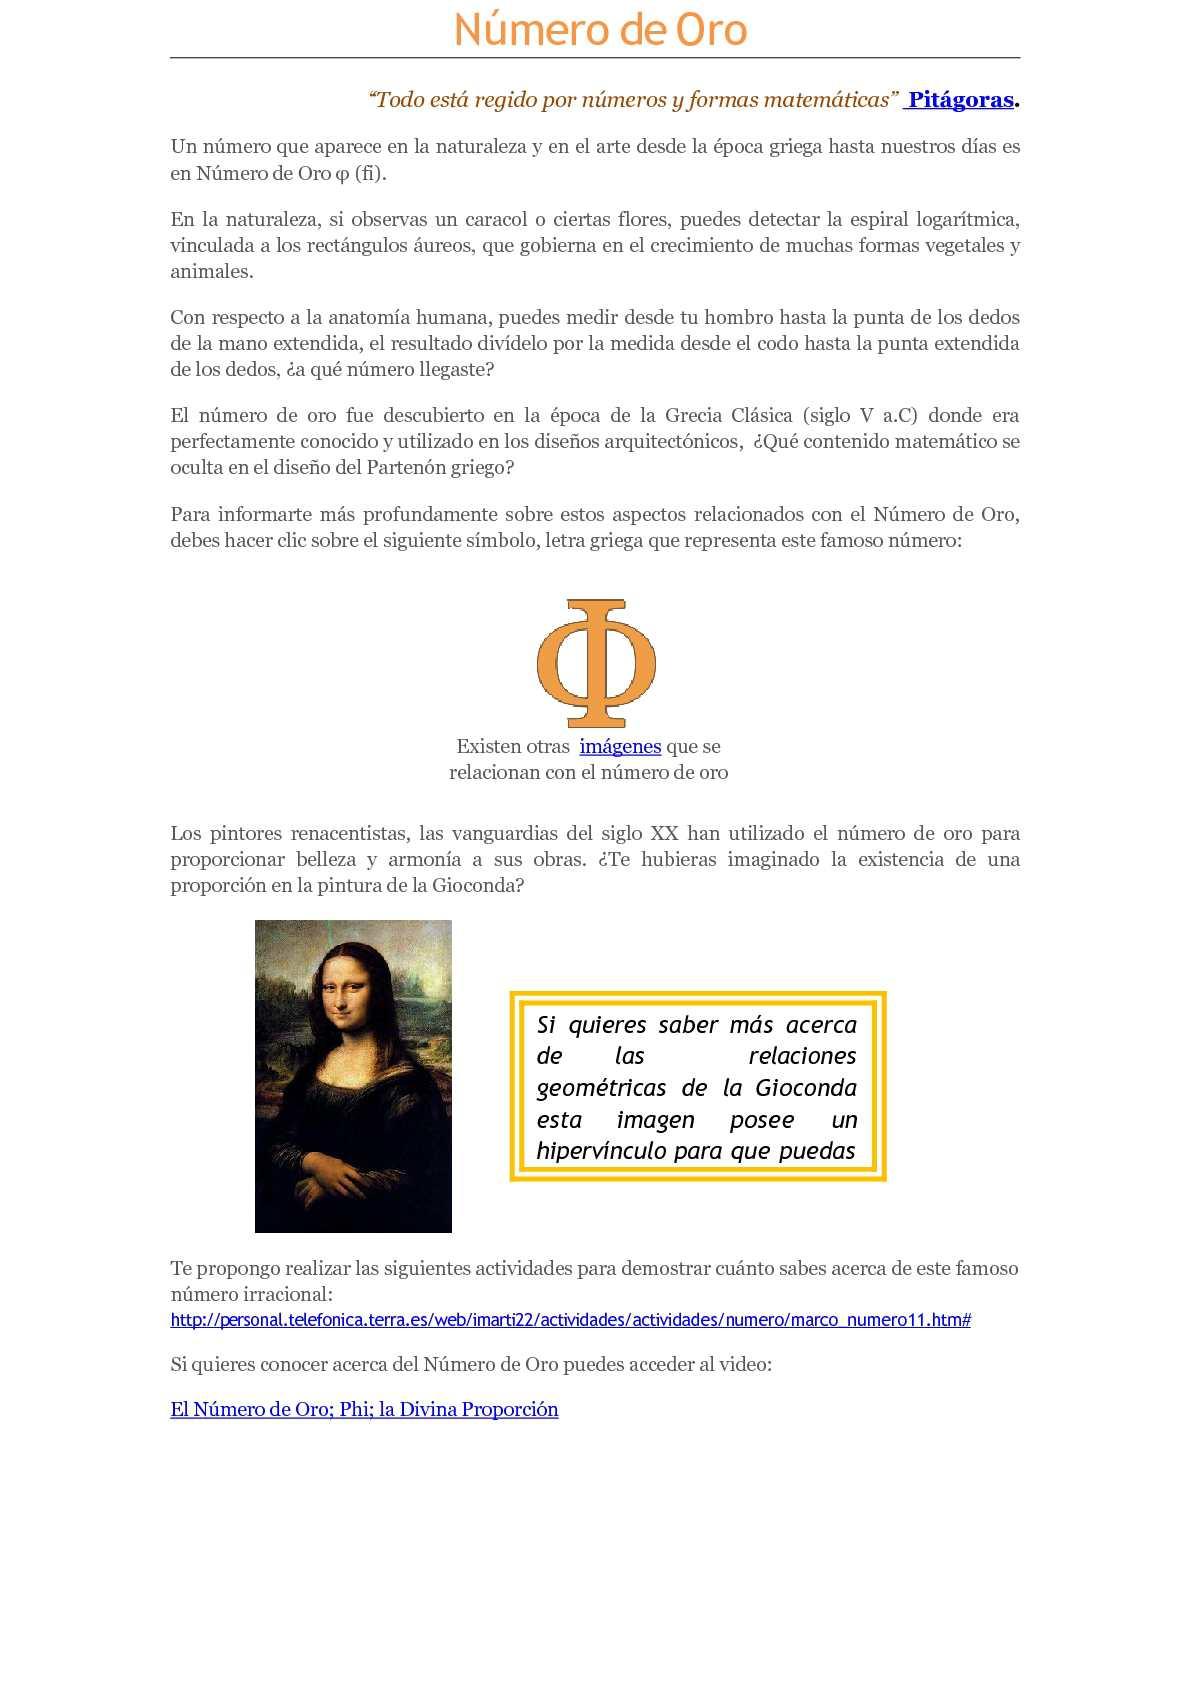 Calaméo - Escribir en el mundo digital. El número de oro